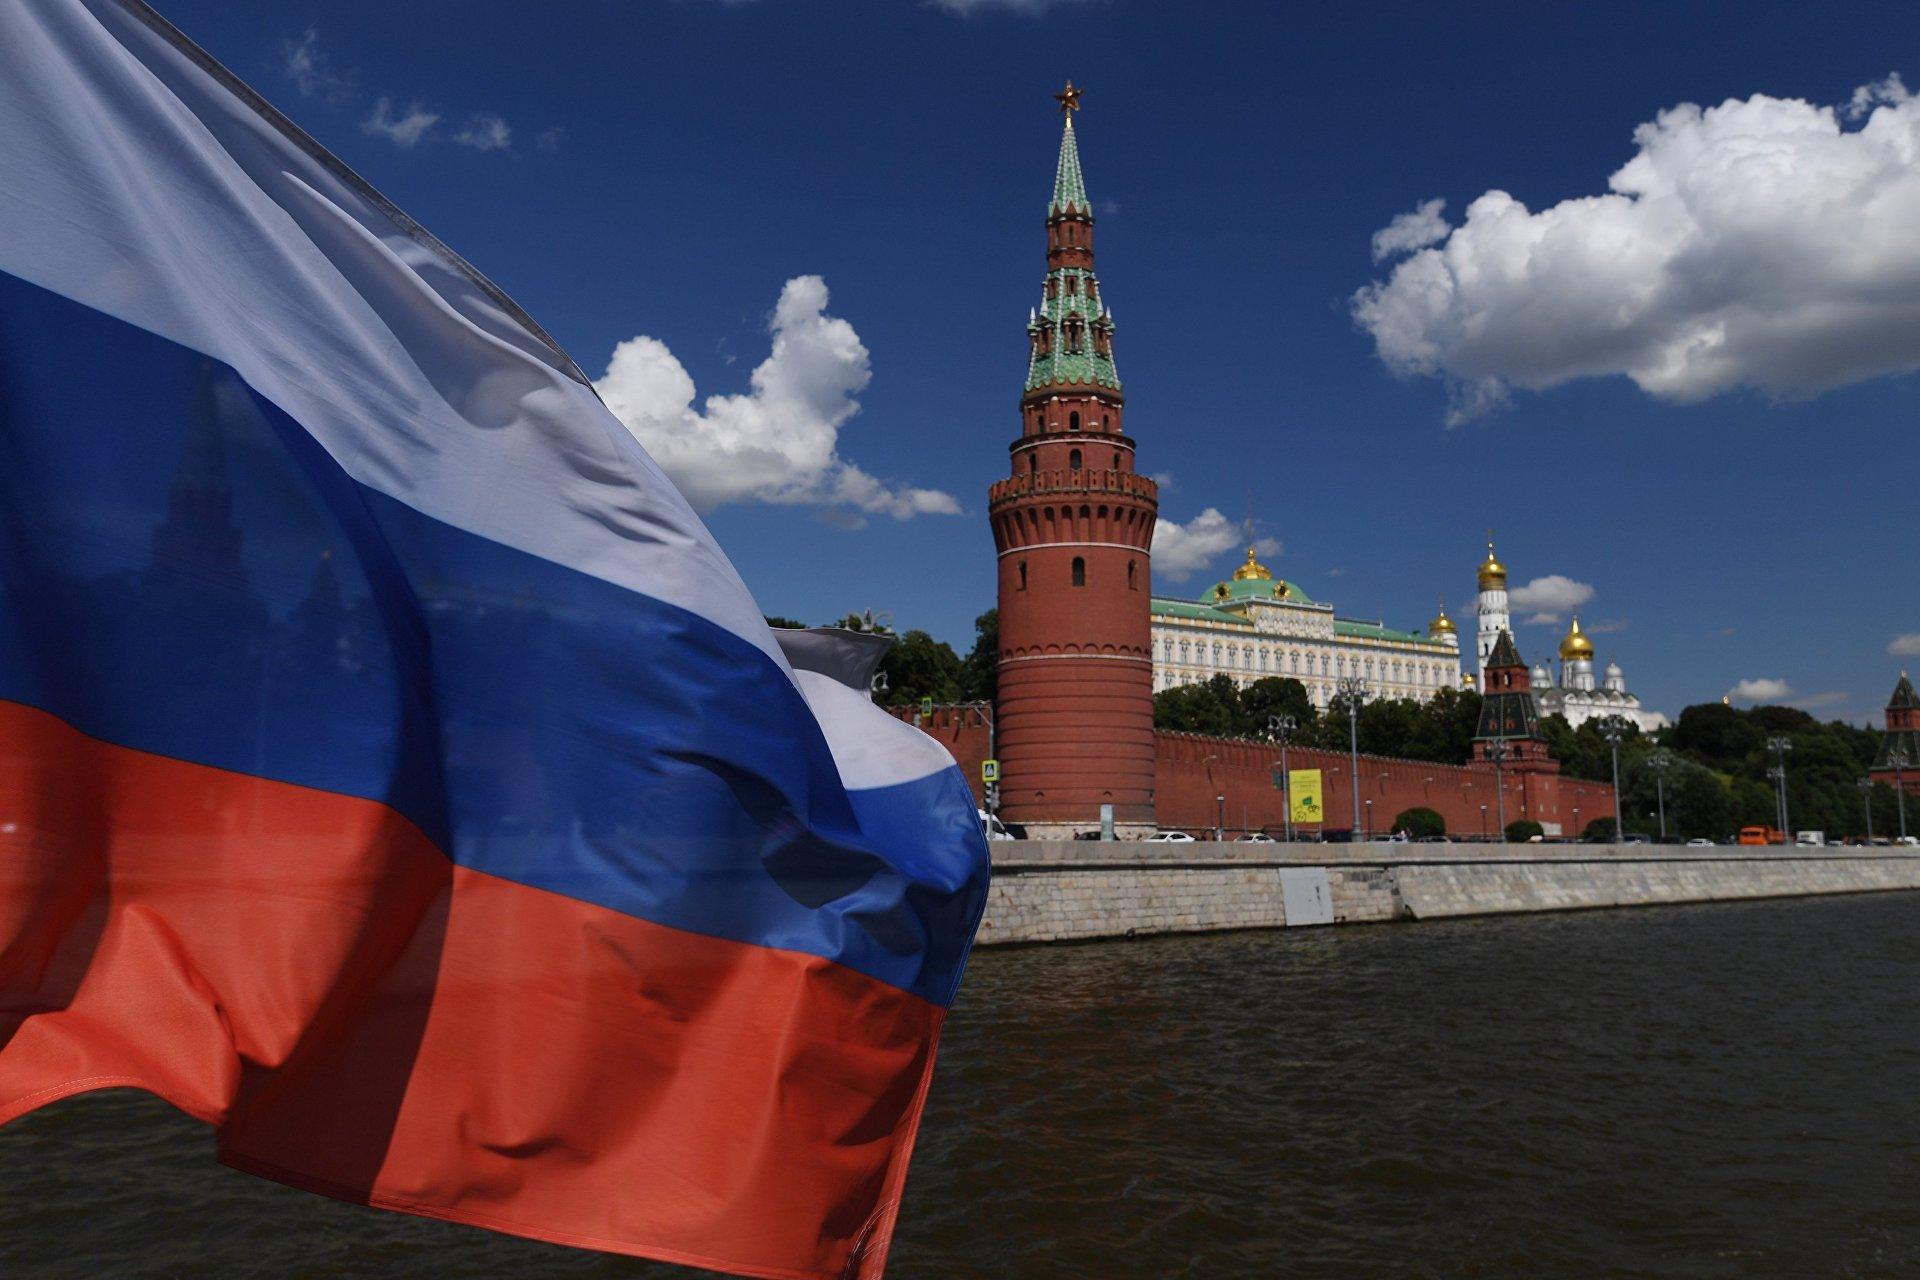 День рождения, картинки про россию для презентации